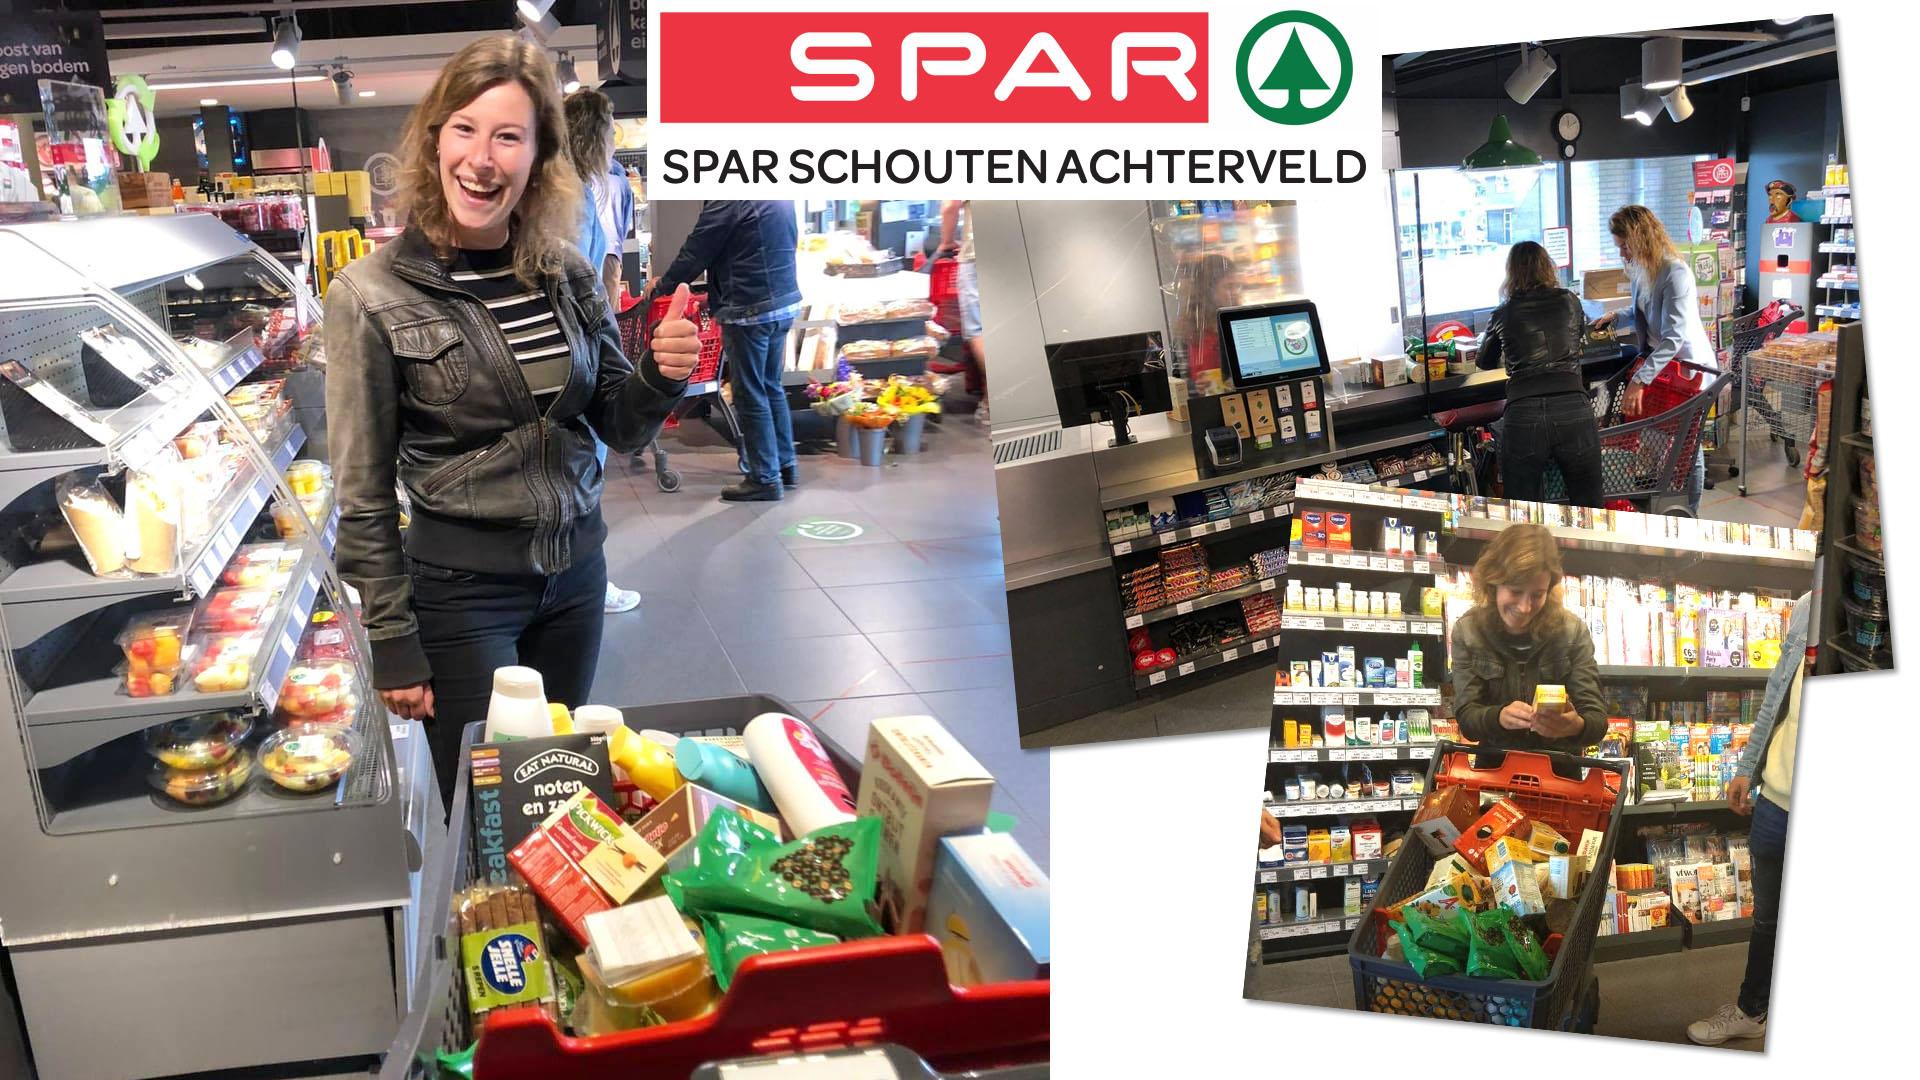 """Melanie Kok doneert haar """"1 minuut gratis winkelen in de SPAR"""" aan voedselbank Leusden"""